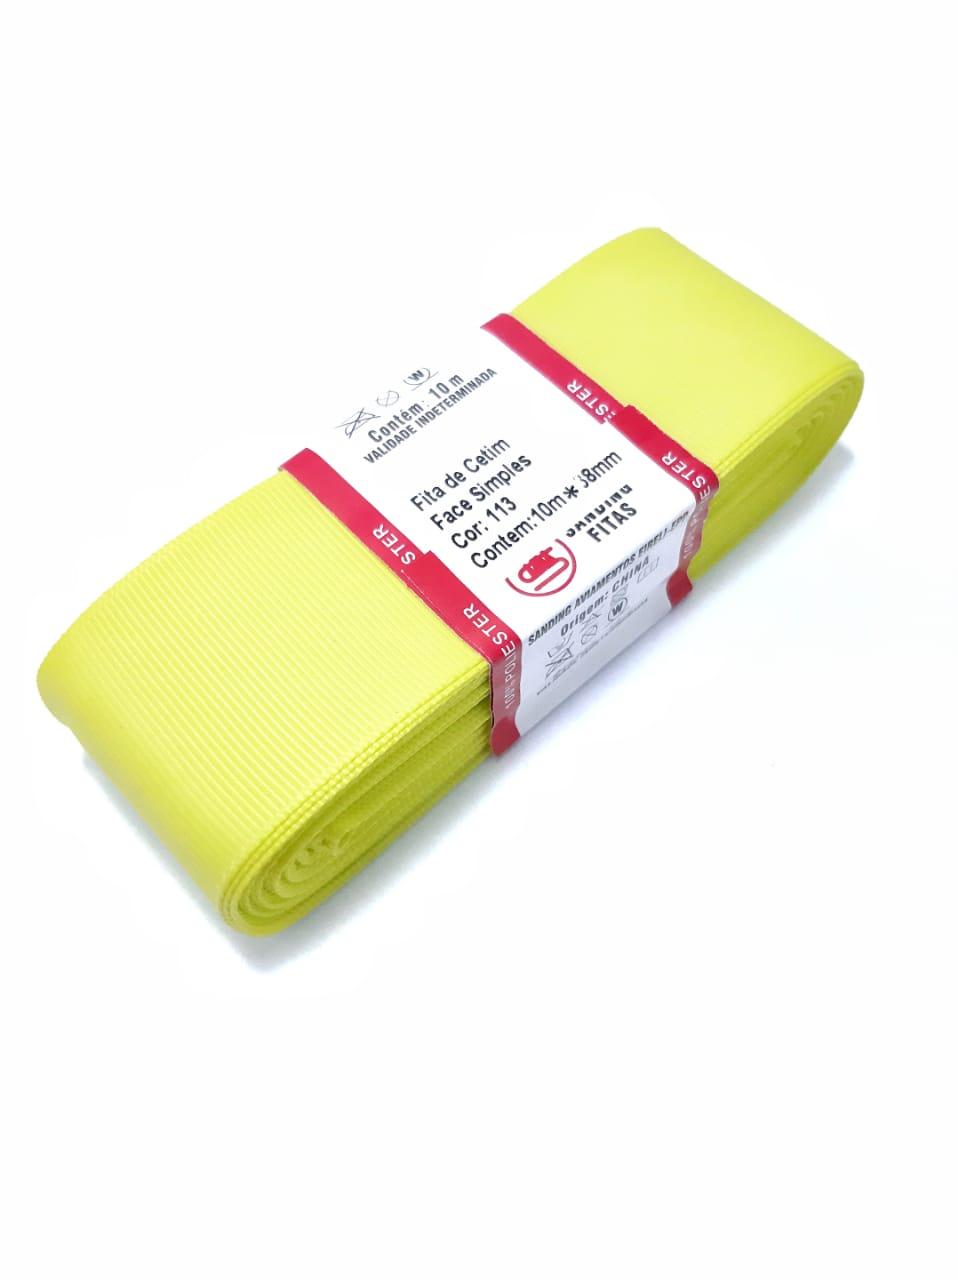 FITA SANDING - Cor: 113 Amarelo Limão